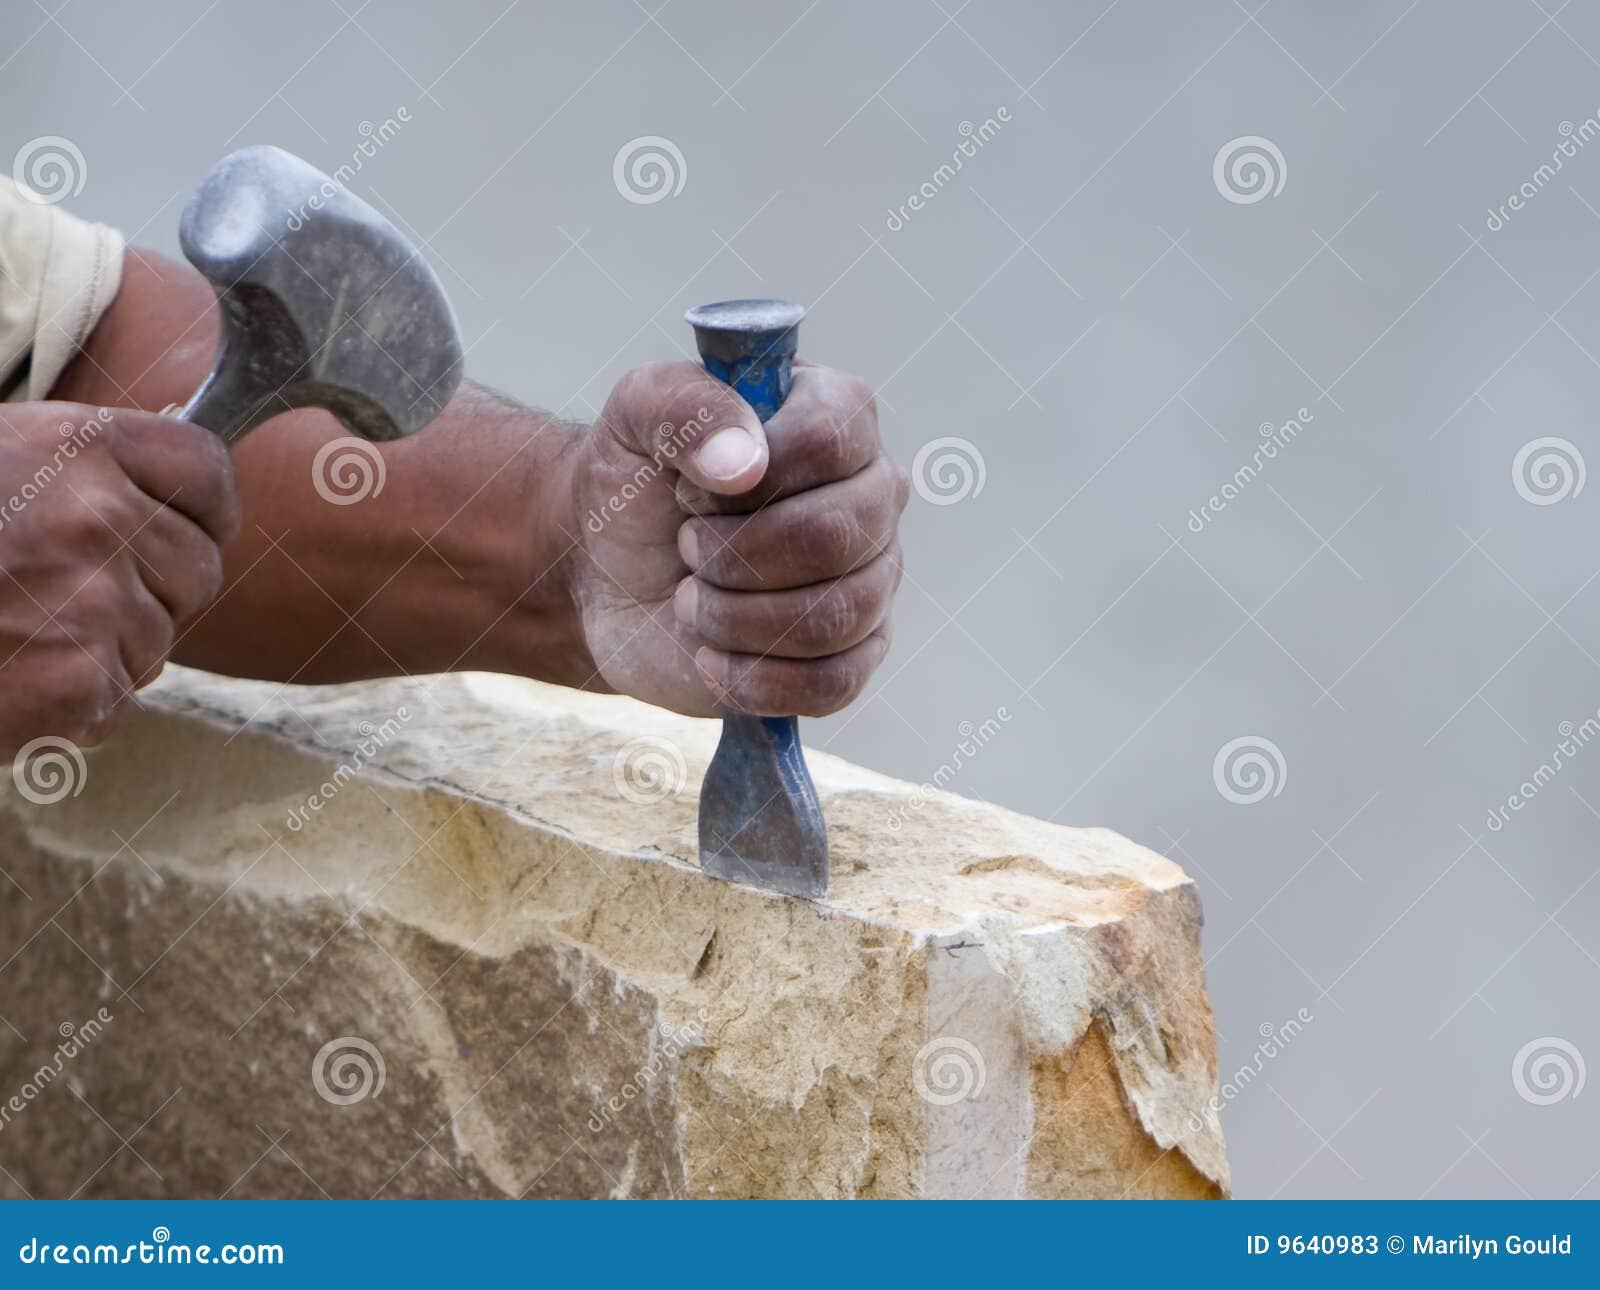 P00N:canteiro que cinzela um bloco de pedra